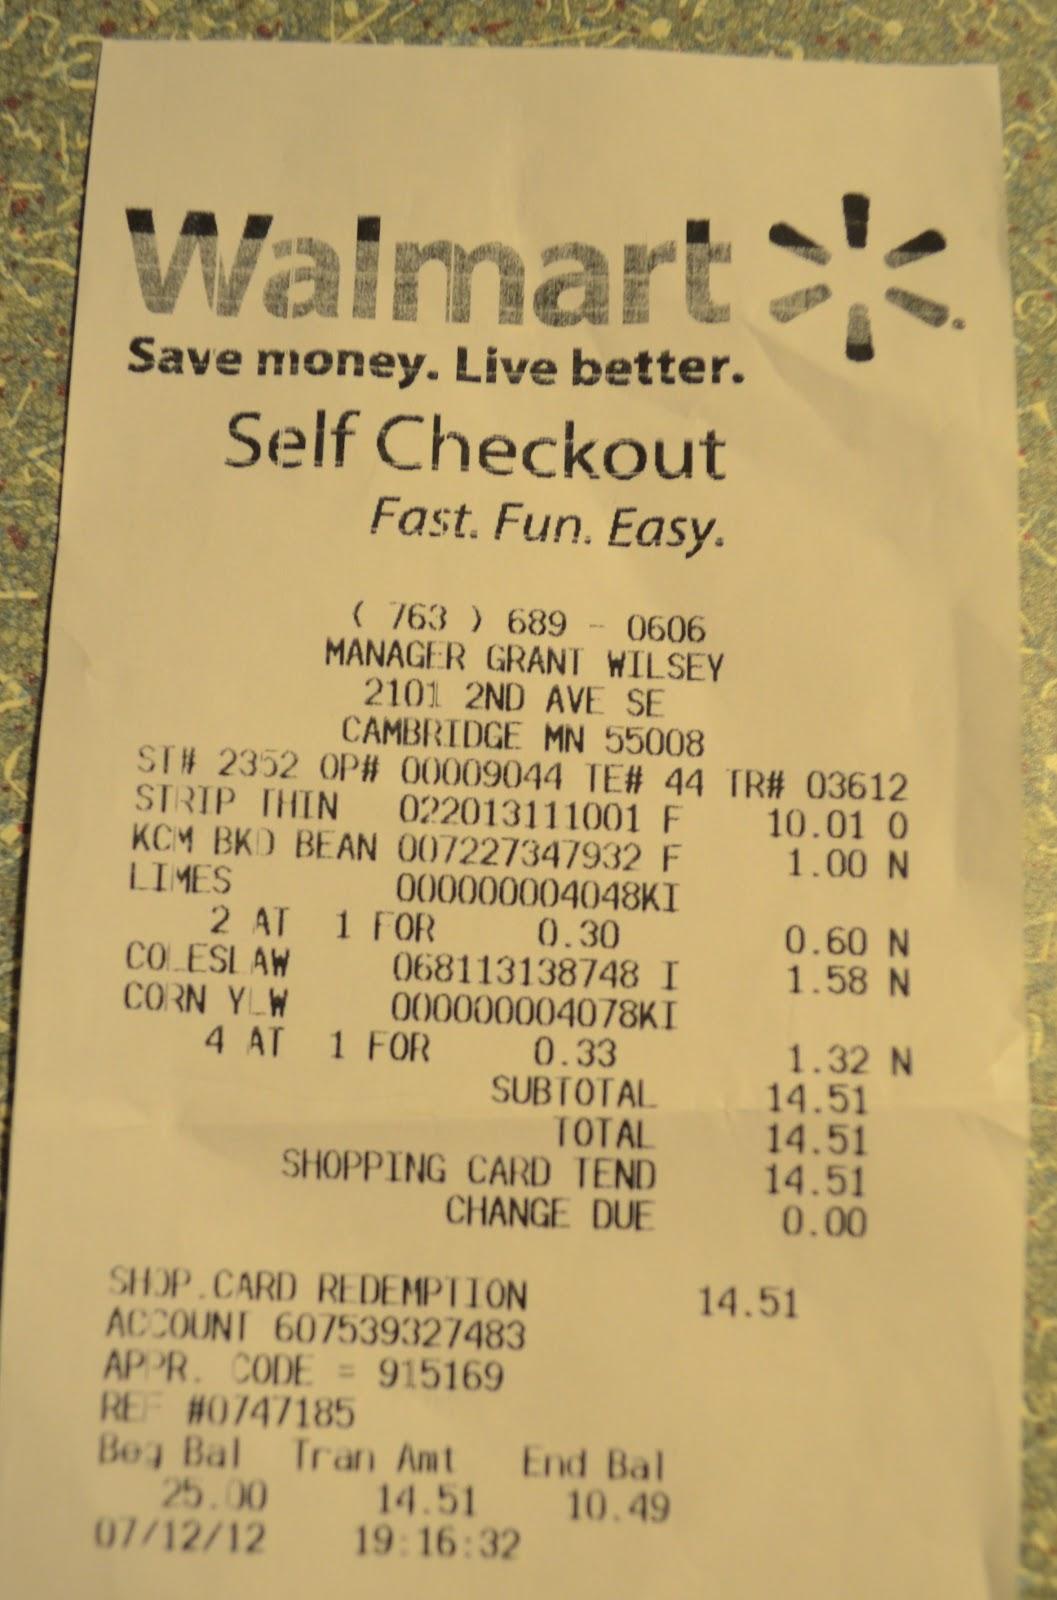 Walmart Summer Steak BBQ on a Budget Challenge - $25 Walmart Gift ...